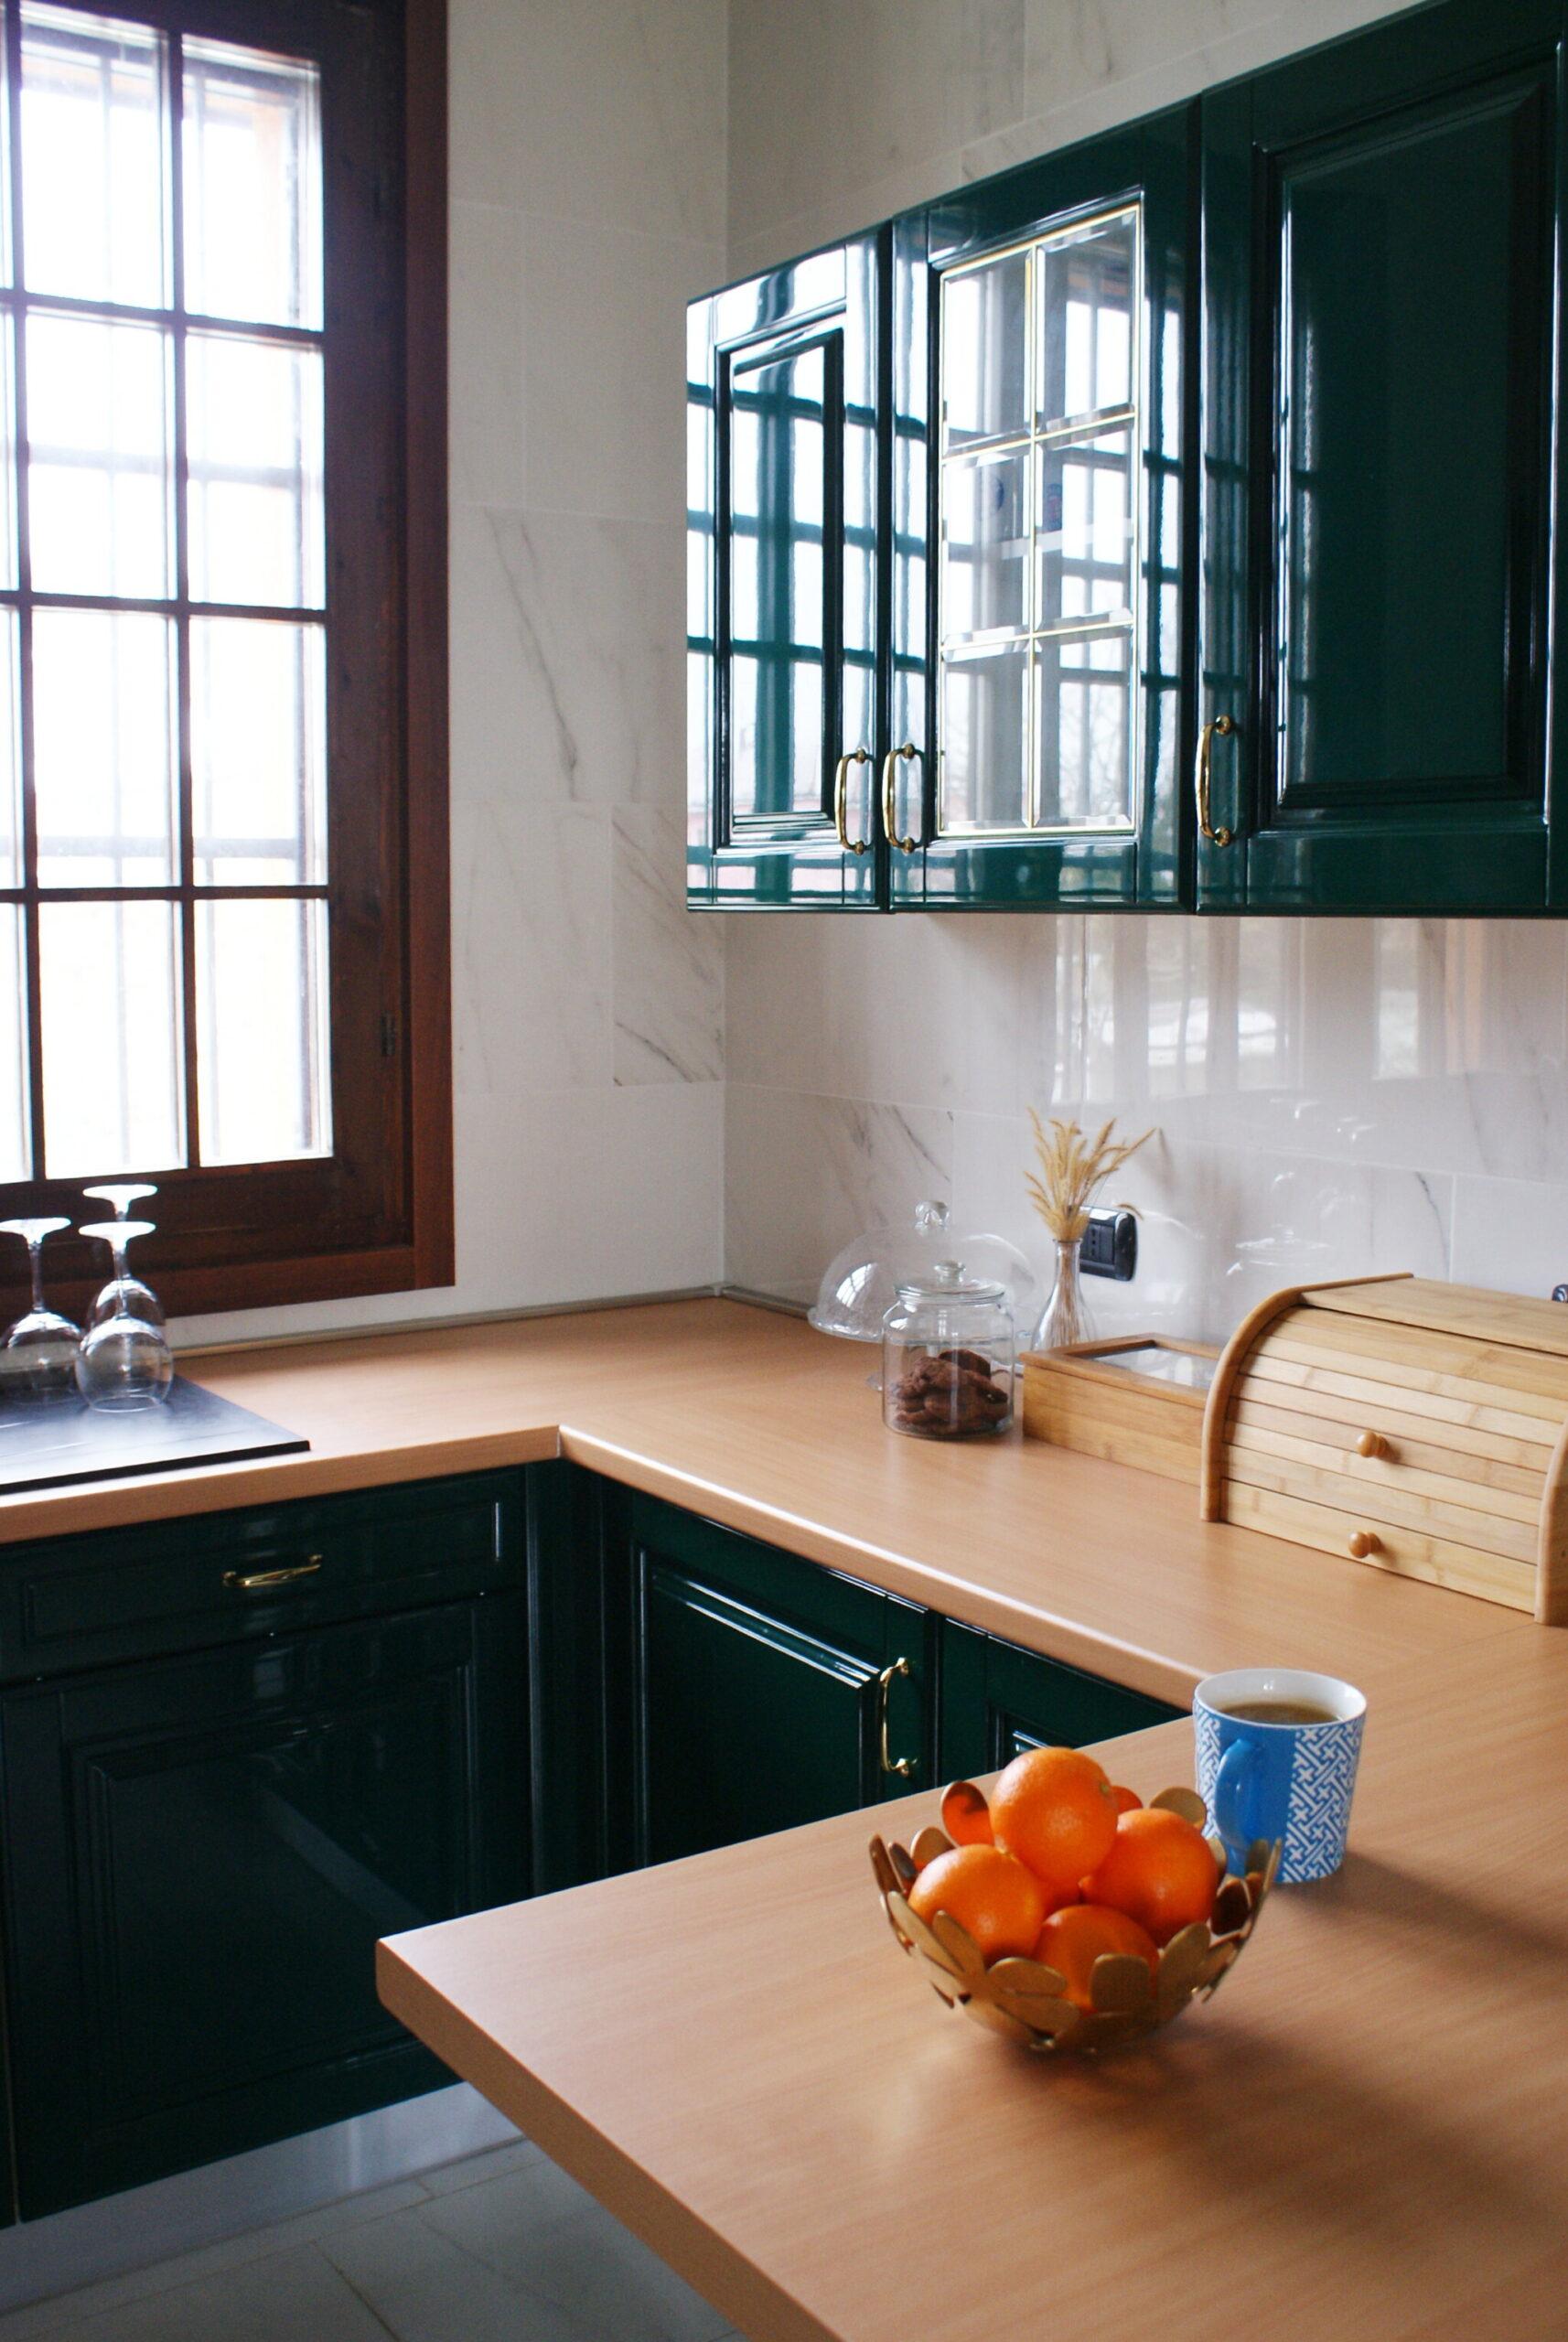 green kitchen inspo idea minimalist beautiful luxury decor home design cucina verde idee ispirazione casa